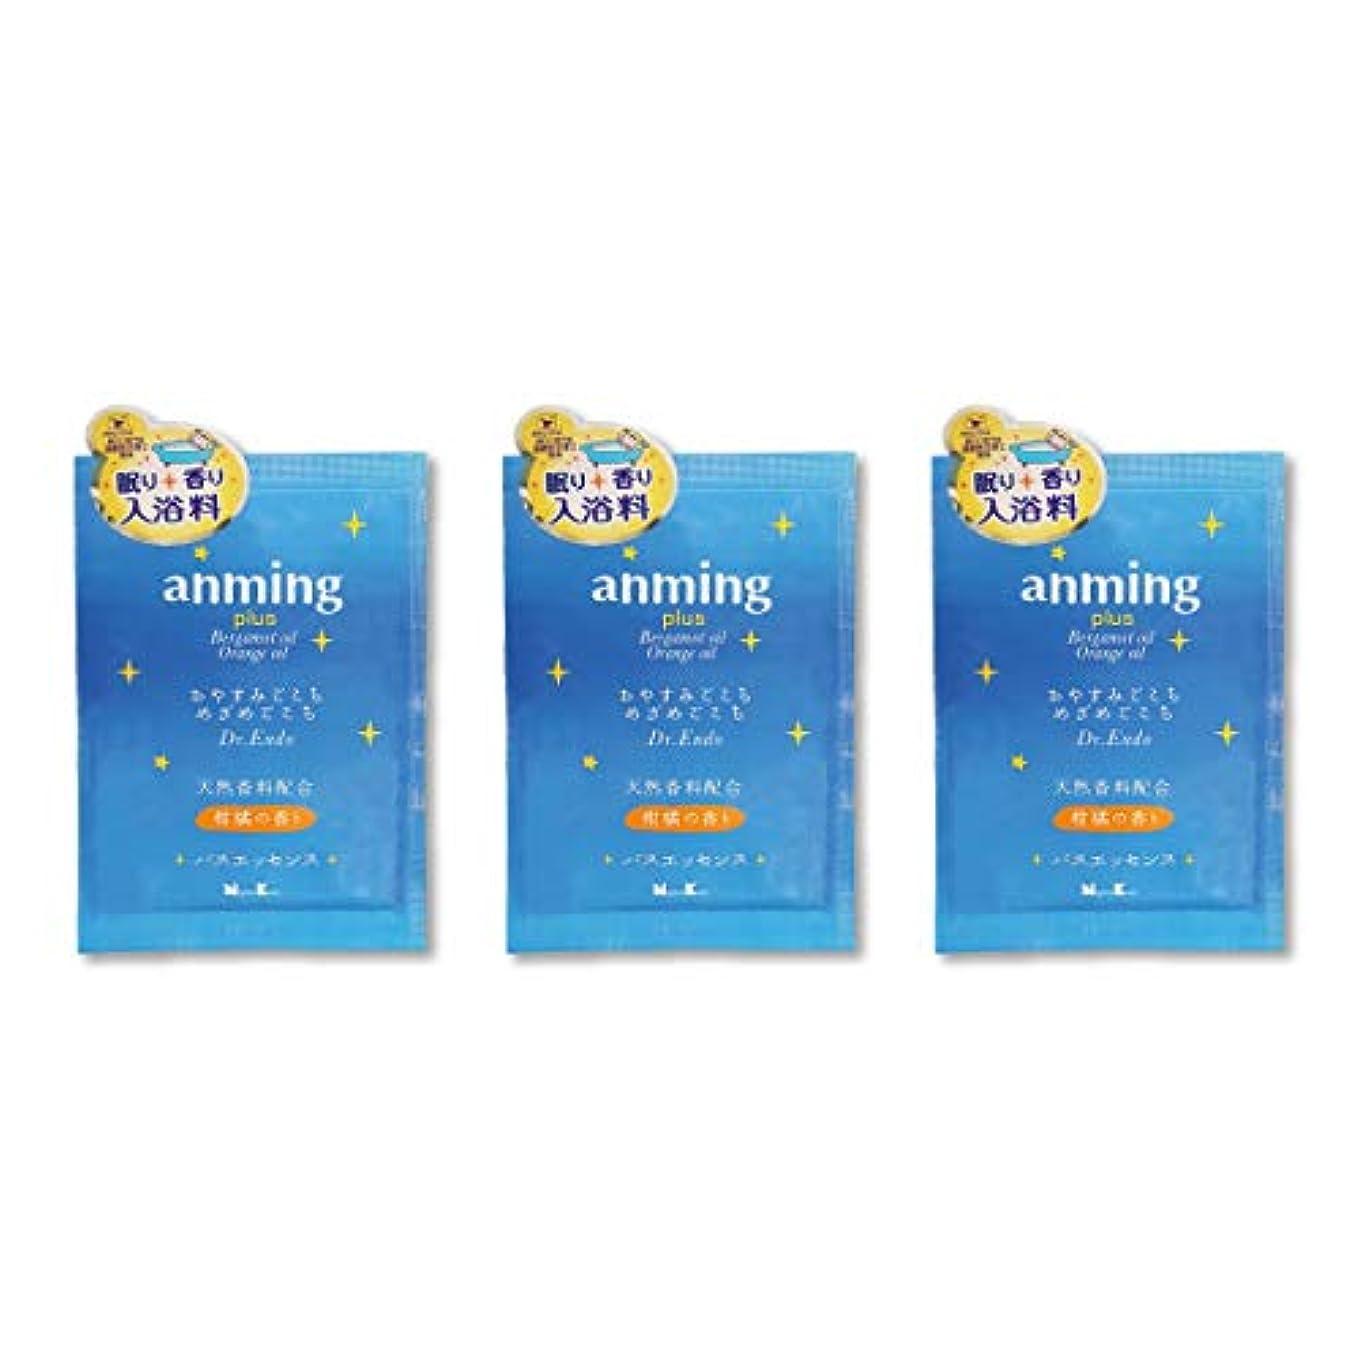 アンミング プラス 入浴剤 バスエッセンス (ミニタイプ3袋)